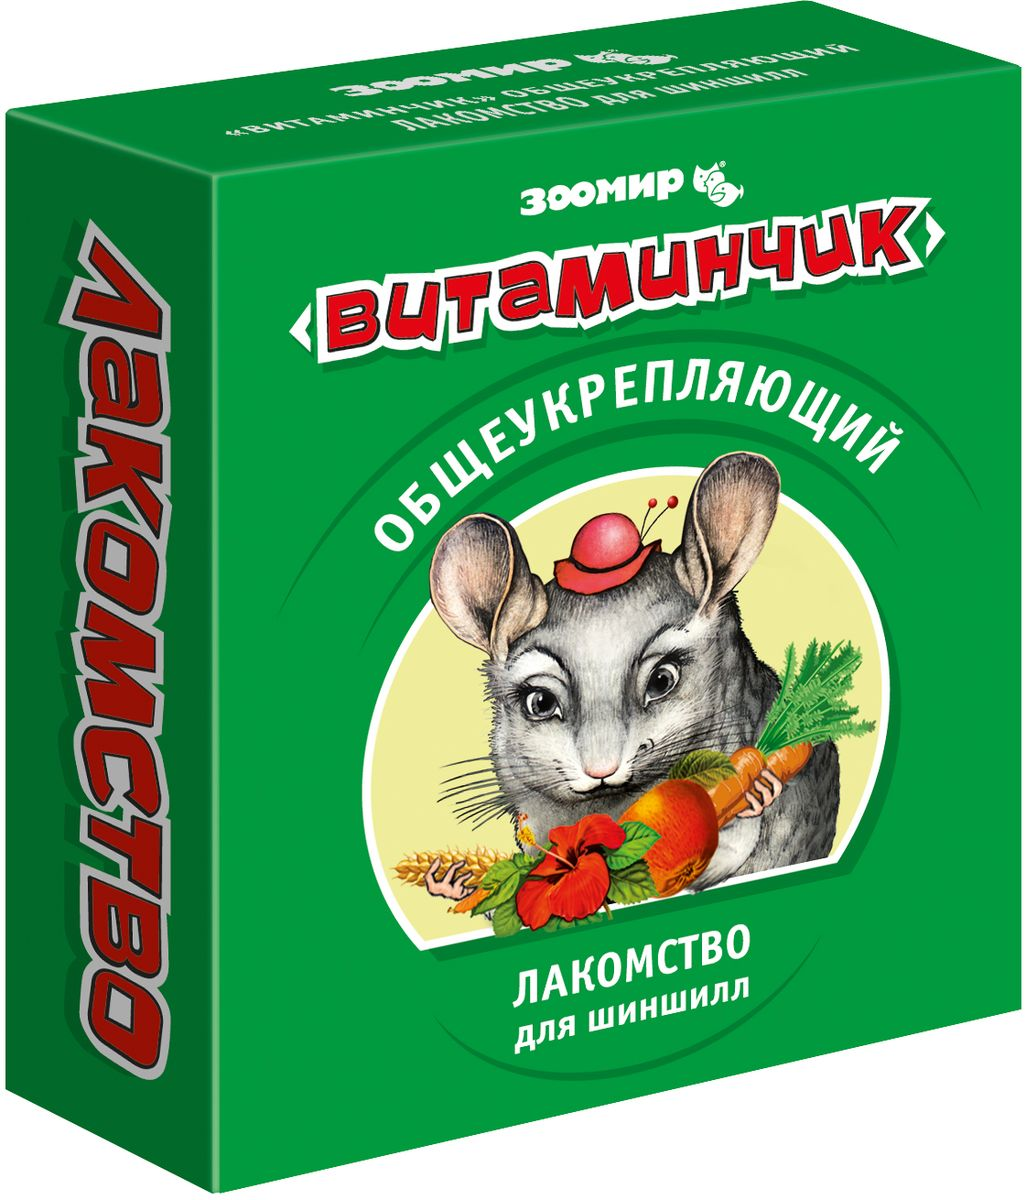 Лакомство для шиншилл Зоомир Витаминчик. Общеукрепляющий, 50 г5733Зоомир Витаминчик. Общеукрепляющий - лакомство для шиншилл, доставляющее им вкусовое наслаждение и способствующее общему укреплению организма. Благодаря входящим в состав натуральным растительным, овощным и фруктовым компонентам, являющимся источником витаминов, микро- и макроэлементов, ваш зверек получит не только привлекательное лакомство, но и очень полезное дополнение к питанию.Состав: яблоко сушеное, морковь сушеная, ягоды рябины, листья брусники; гранулы, содержащие травяную муку, пшеничную муку, измельченные цветки сушеного гибискуса, витаминно-минеральный комплекс.Товар сертифицирован.